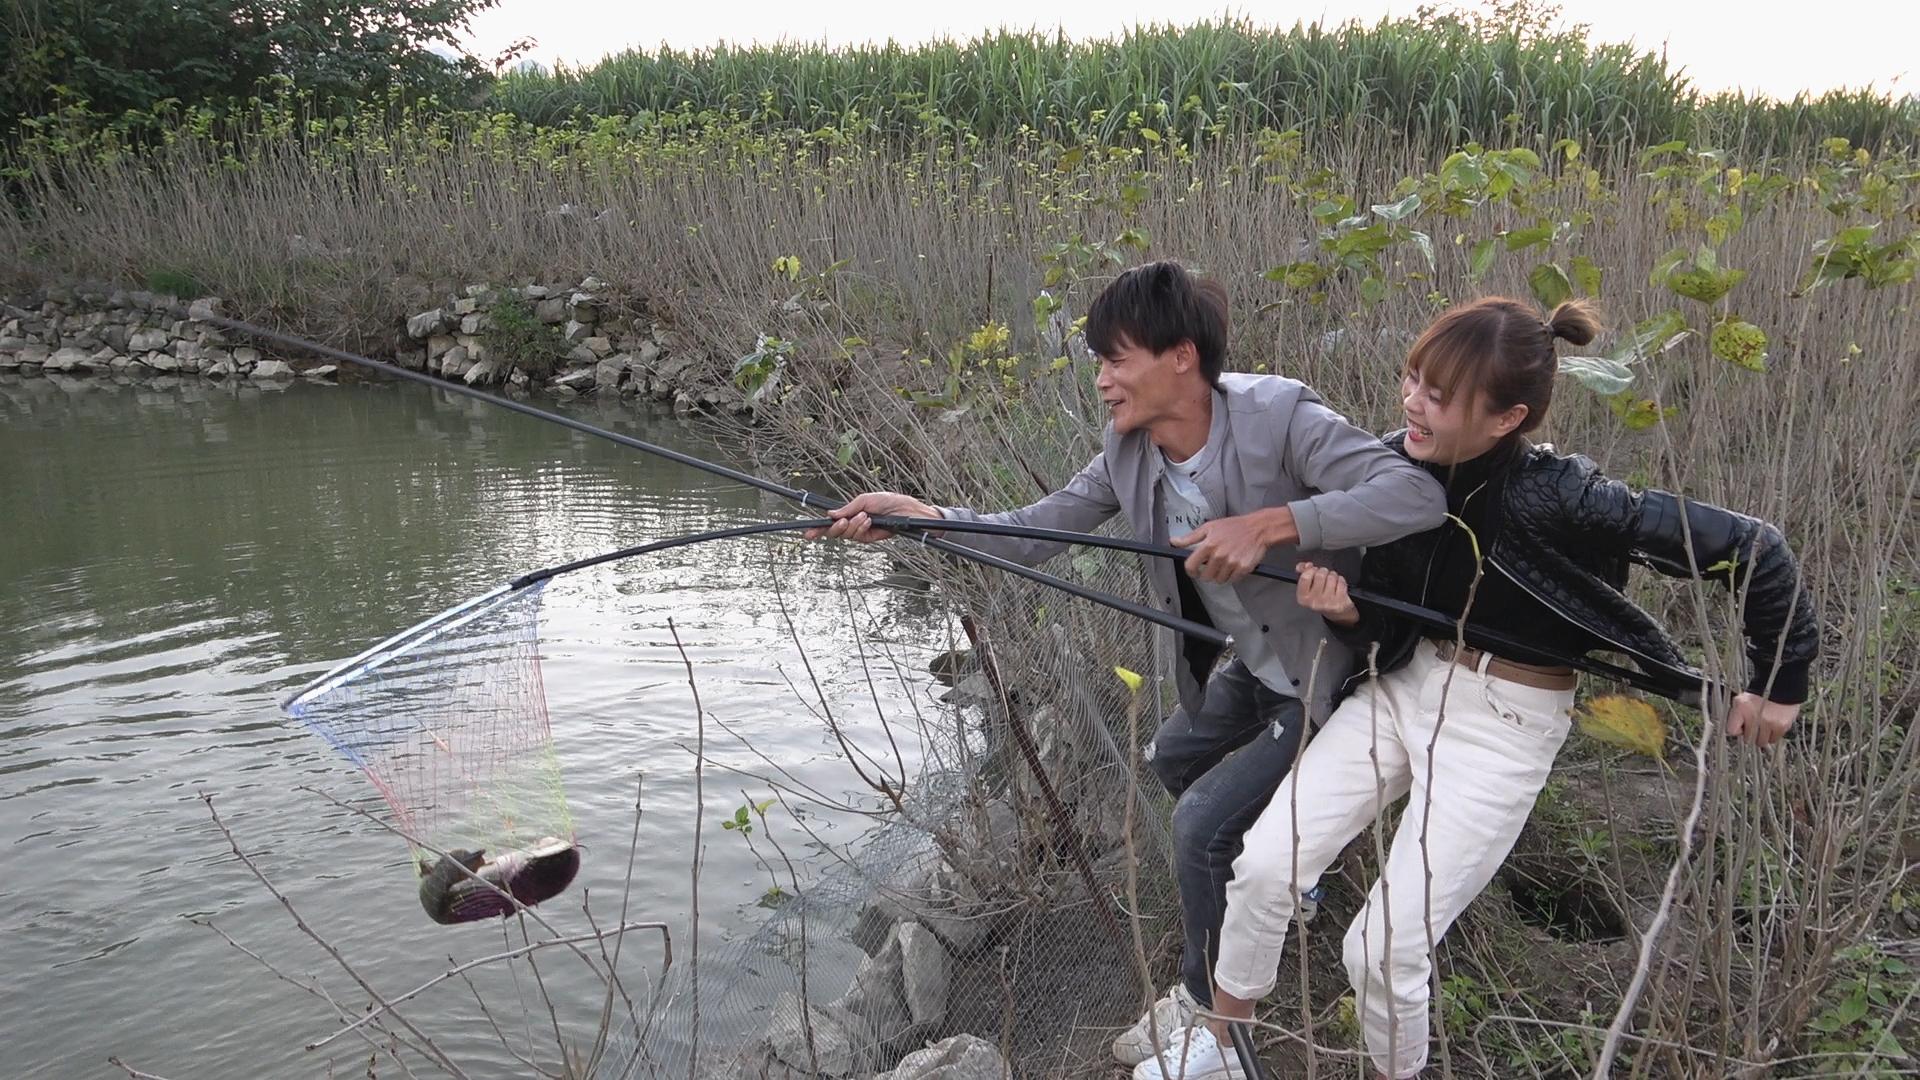 大哥鱼塘定价50元钓一天,小明和小丫试钓2小时,直呼赚大了